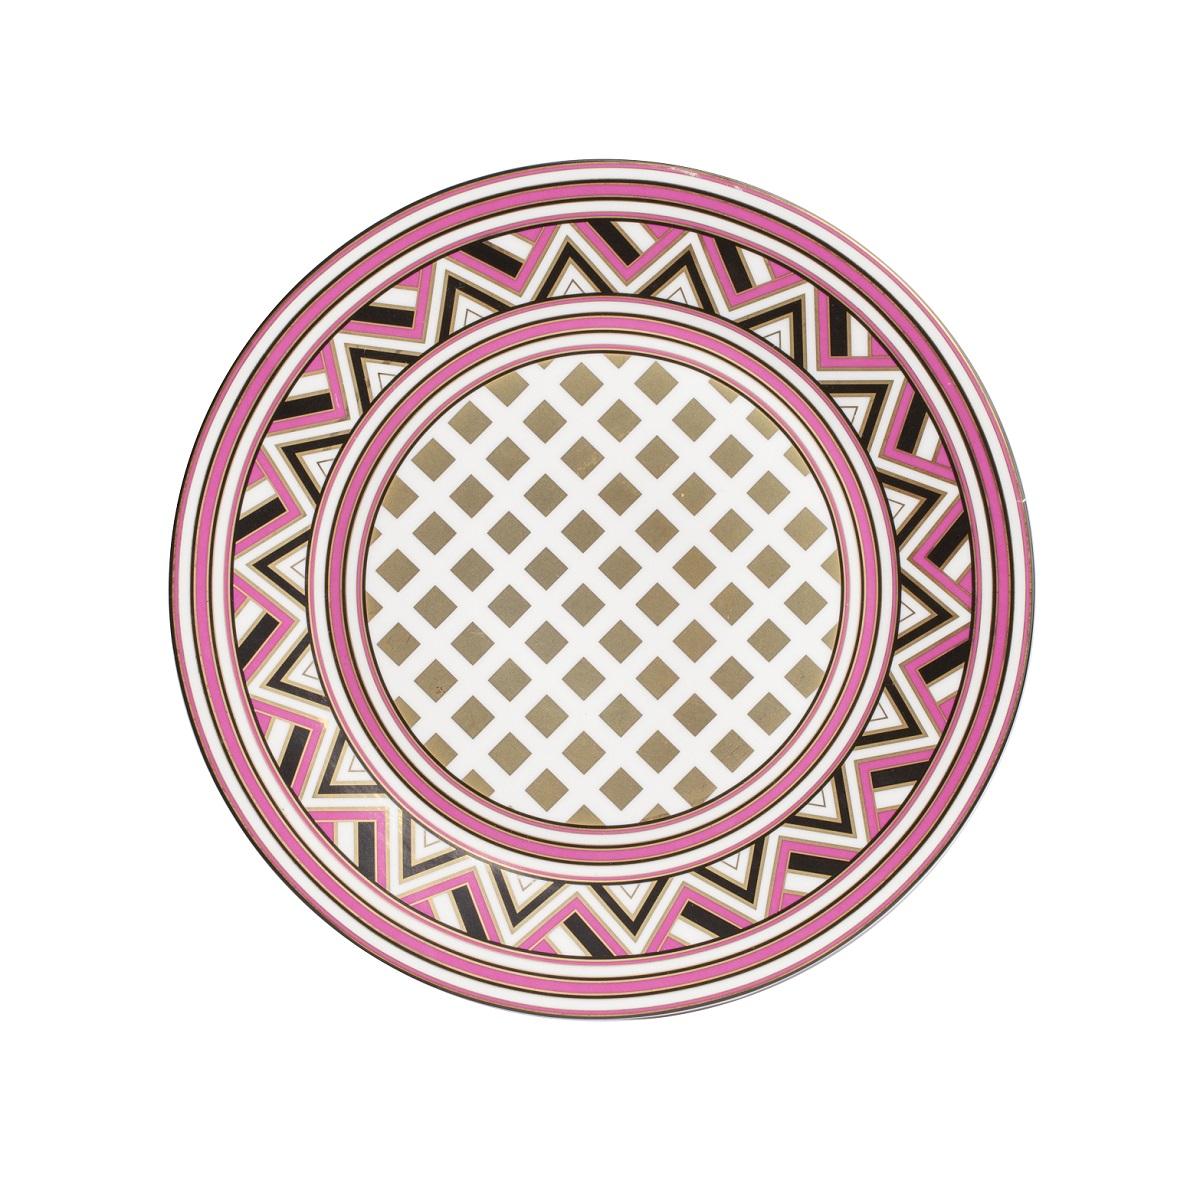 Купить Блюдо Eclectic (26*26*2.5) в интернет магазине дизайнерской мебели и аксессуаров для дома и дачи